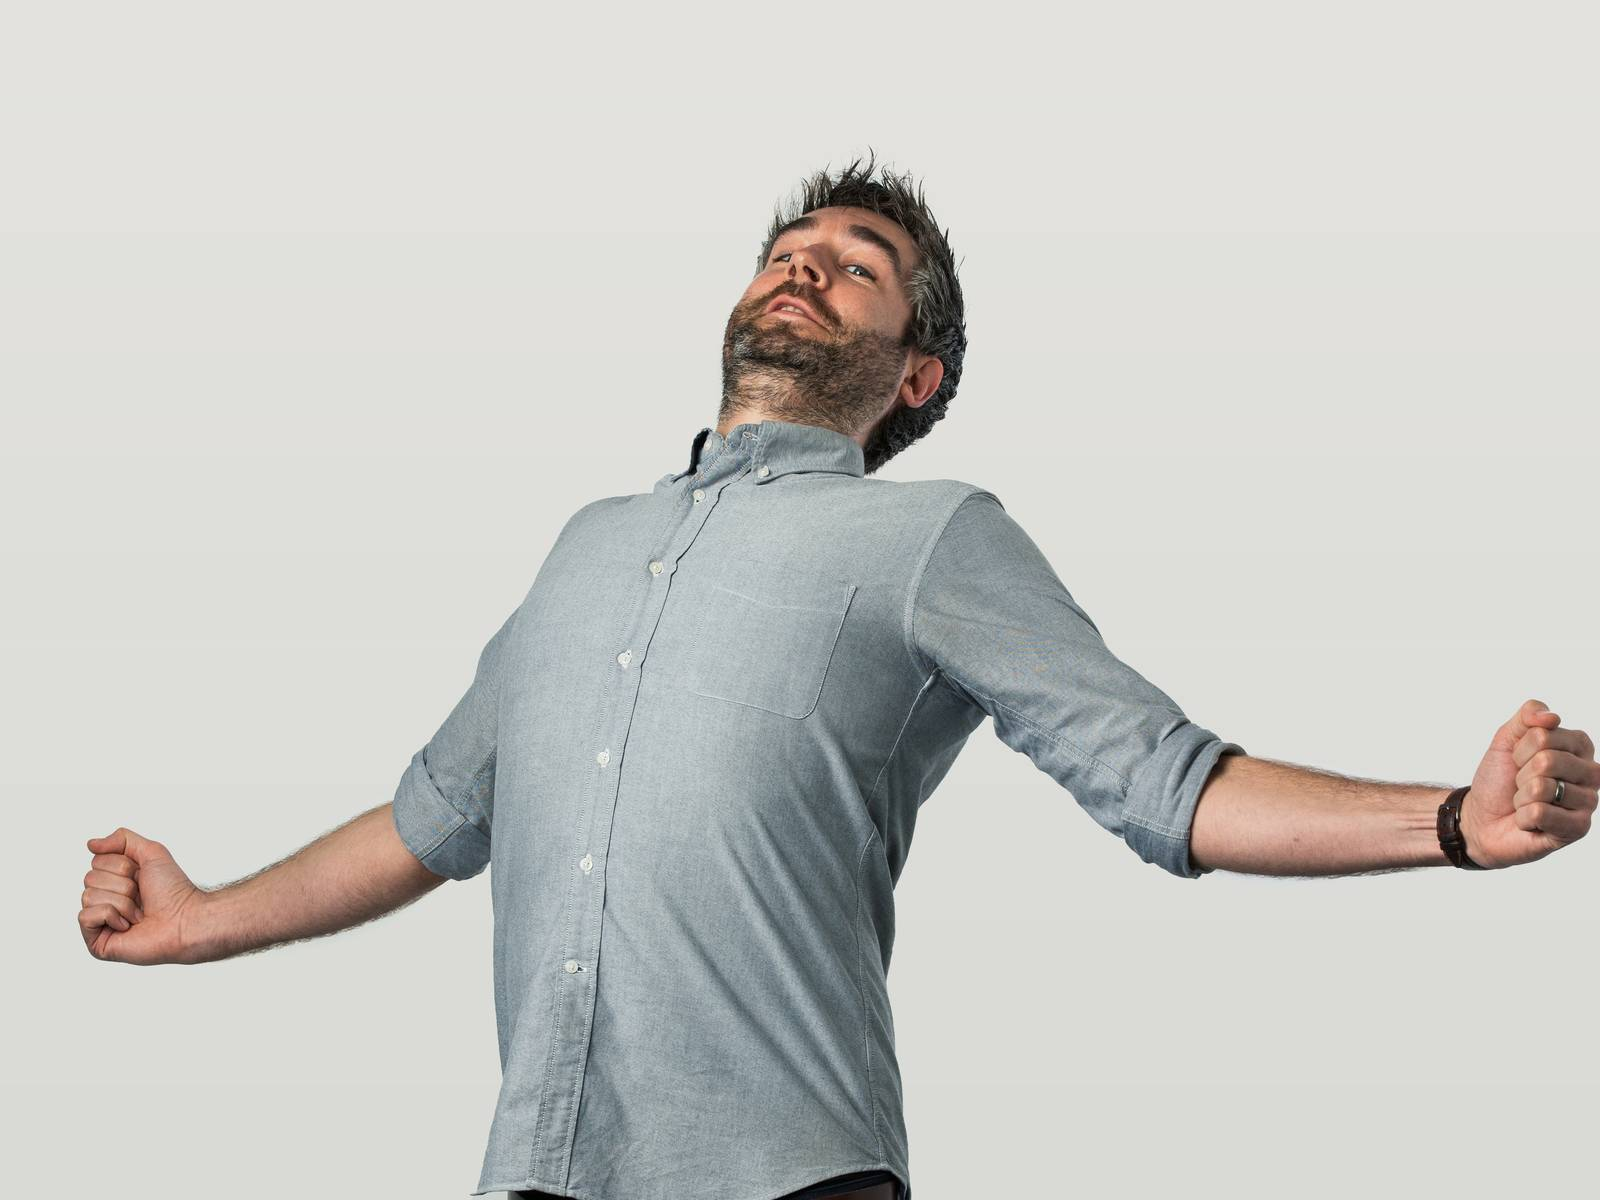 Matt stretching